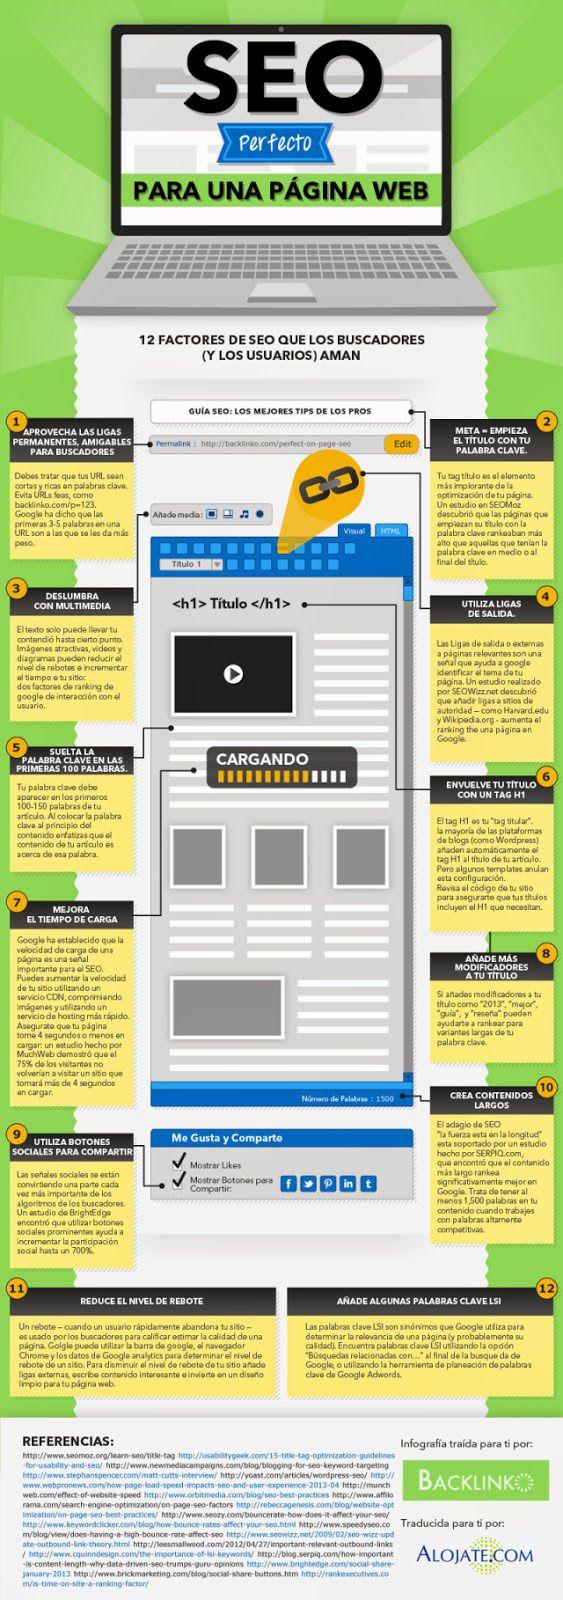 Pasos para lograr el #SEO perfecto en una página Web. #Infografia #PosicionamientoWeb